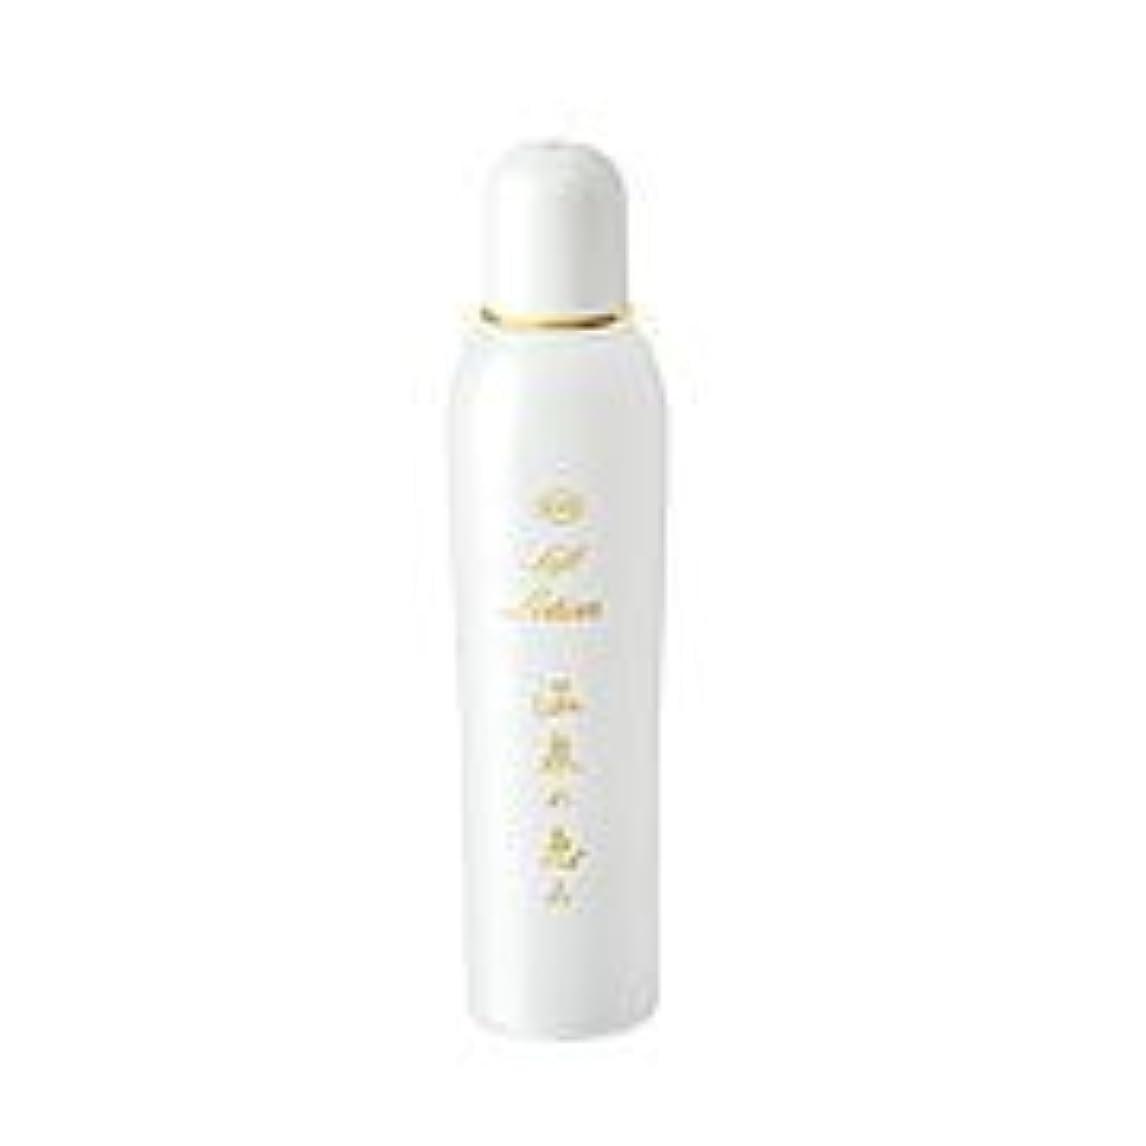 淡いバッテリー買い物に行くイオン化粧品 ソフトローション 温泉の恵み 135ml